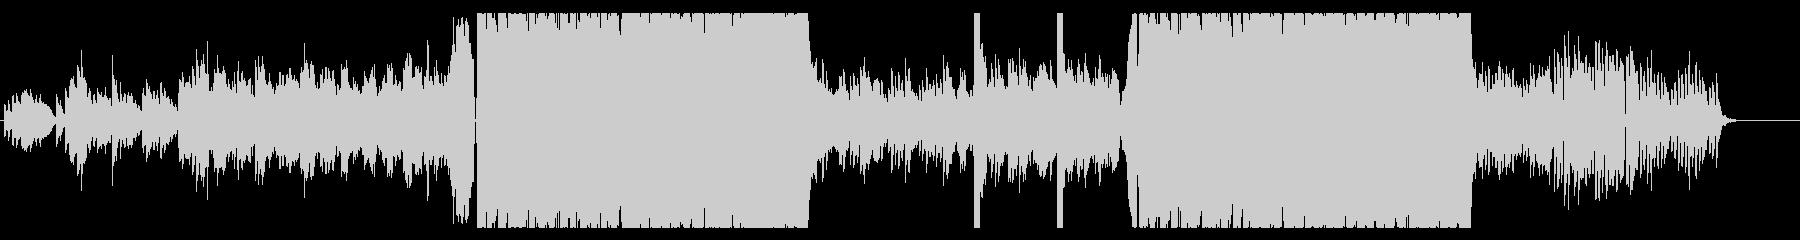 JPOP風幻想的なピアノバラードの未再生の波形